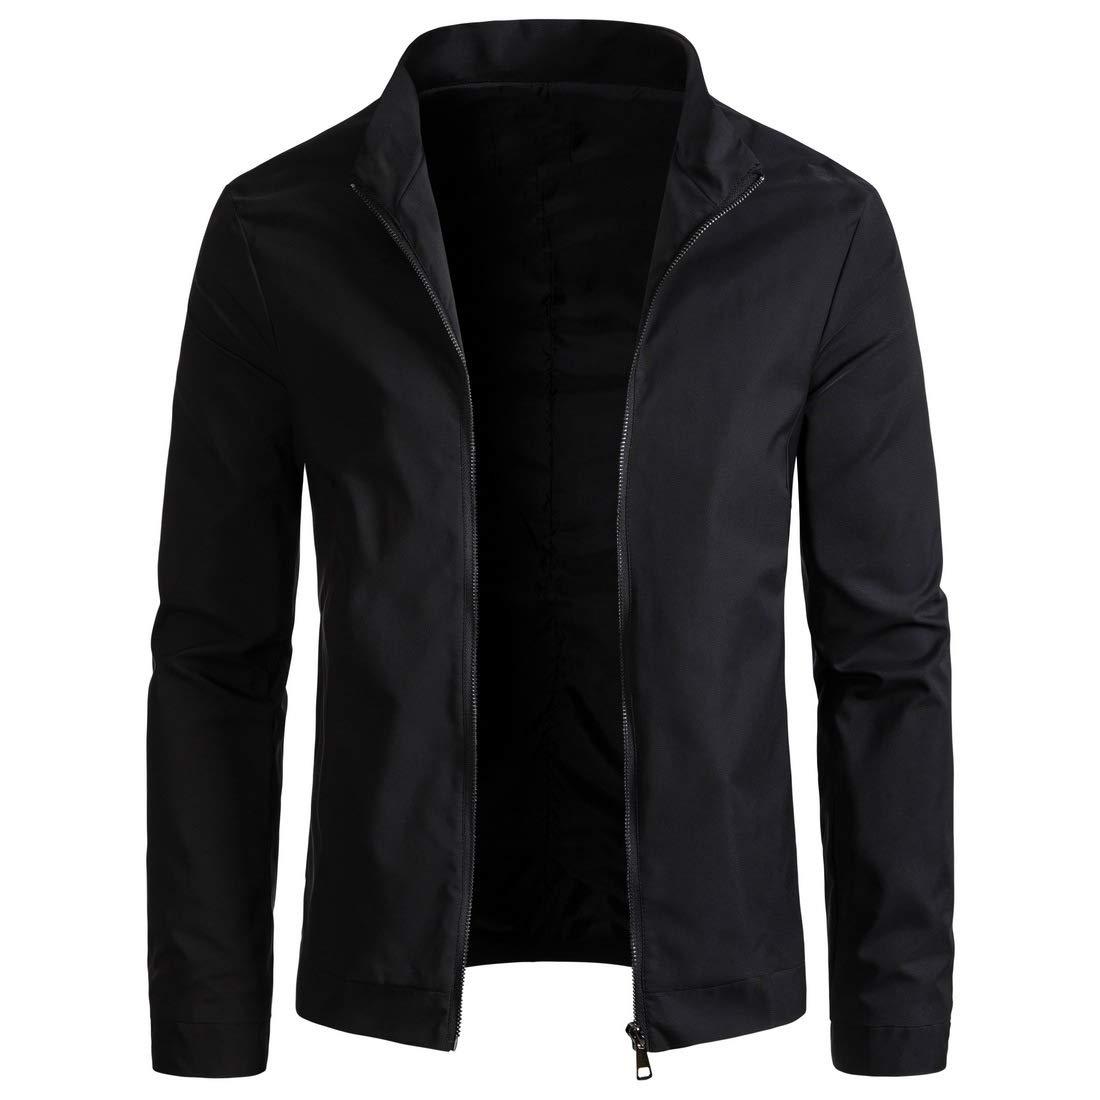 WULFUL Mens Slim Fit Lightweight Windbreaker Casual Jacket Waterproof Outdoor Sportswear Black by WULFUL